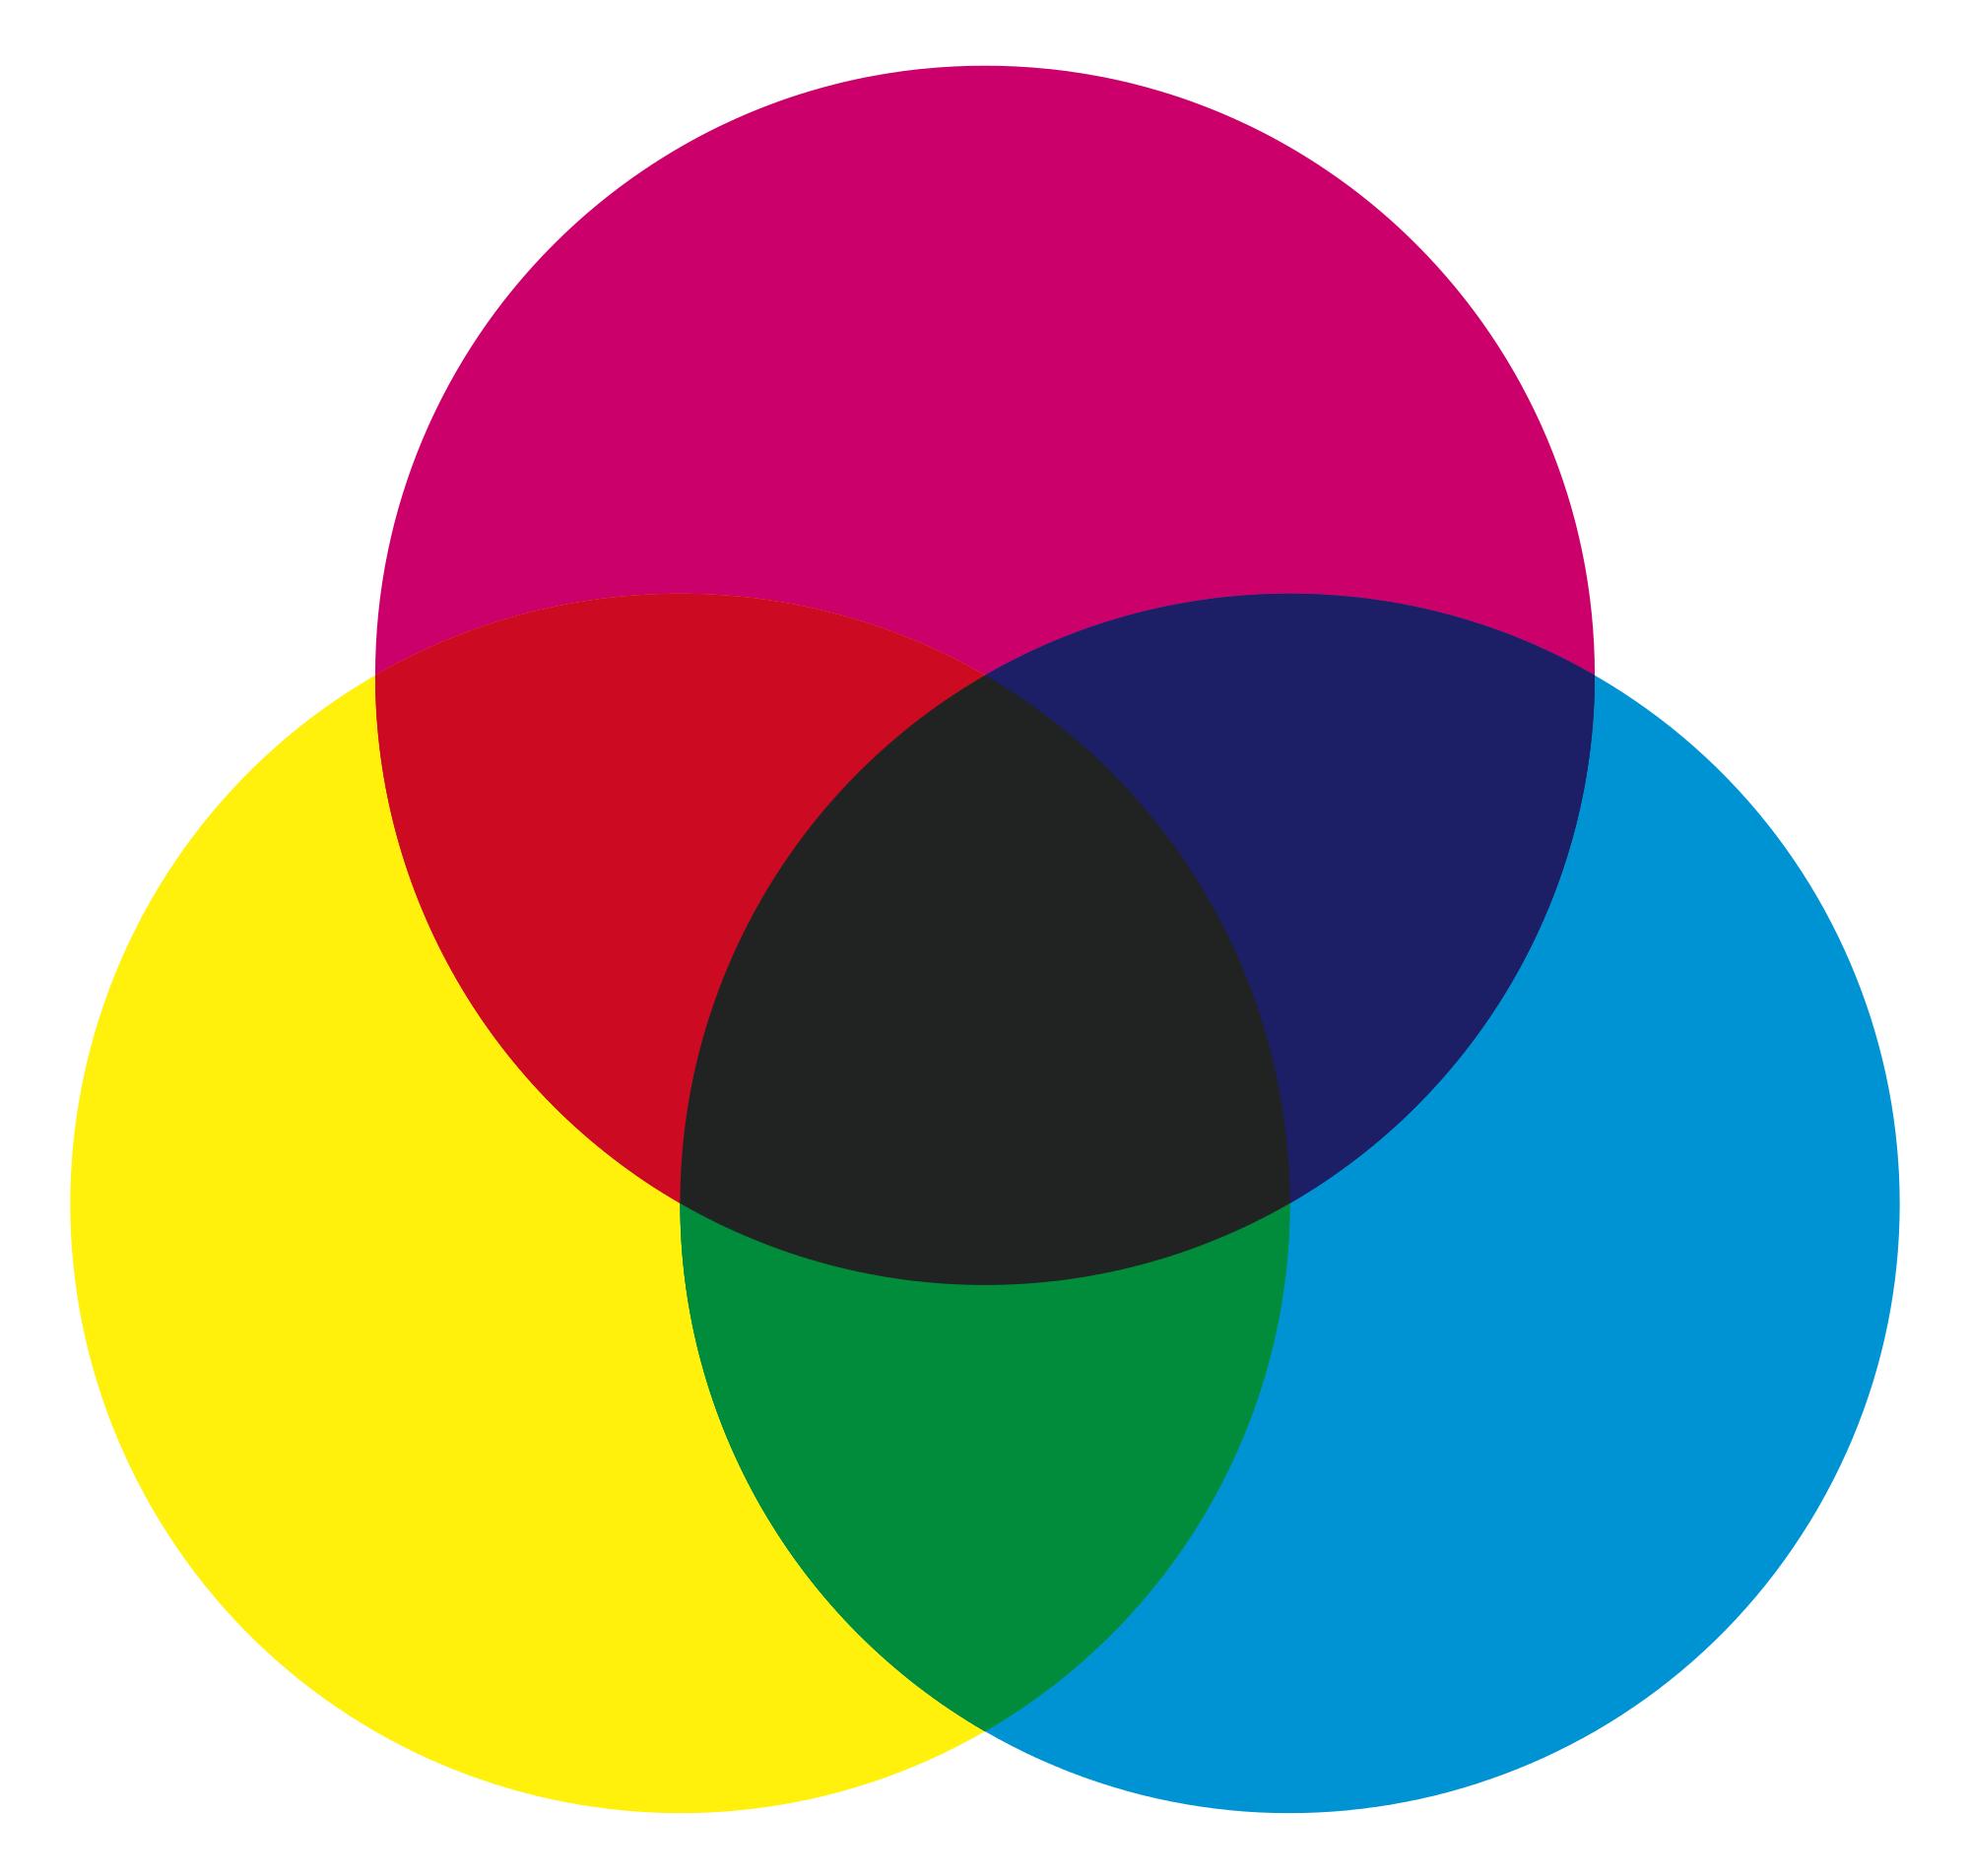 Primärfarben farbmischsysteme aus und weiterbildung theater